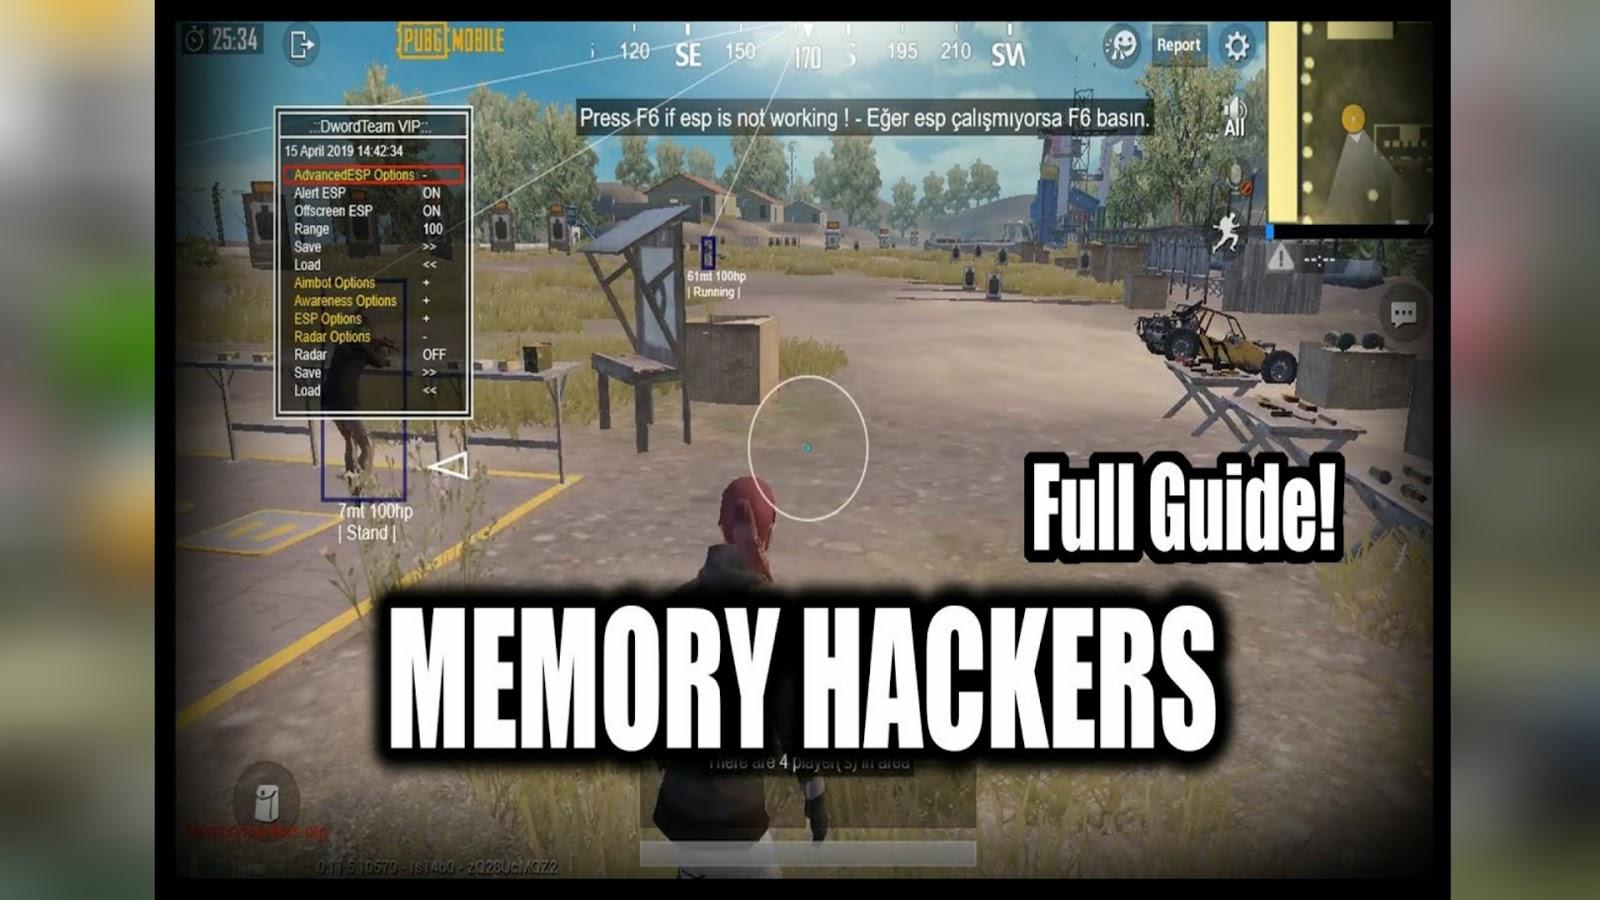 Memory Hackers Pubg Mobile Emulator | Hack Pubg Mobile China